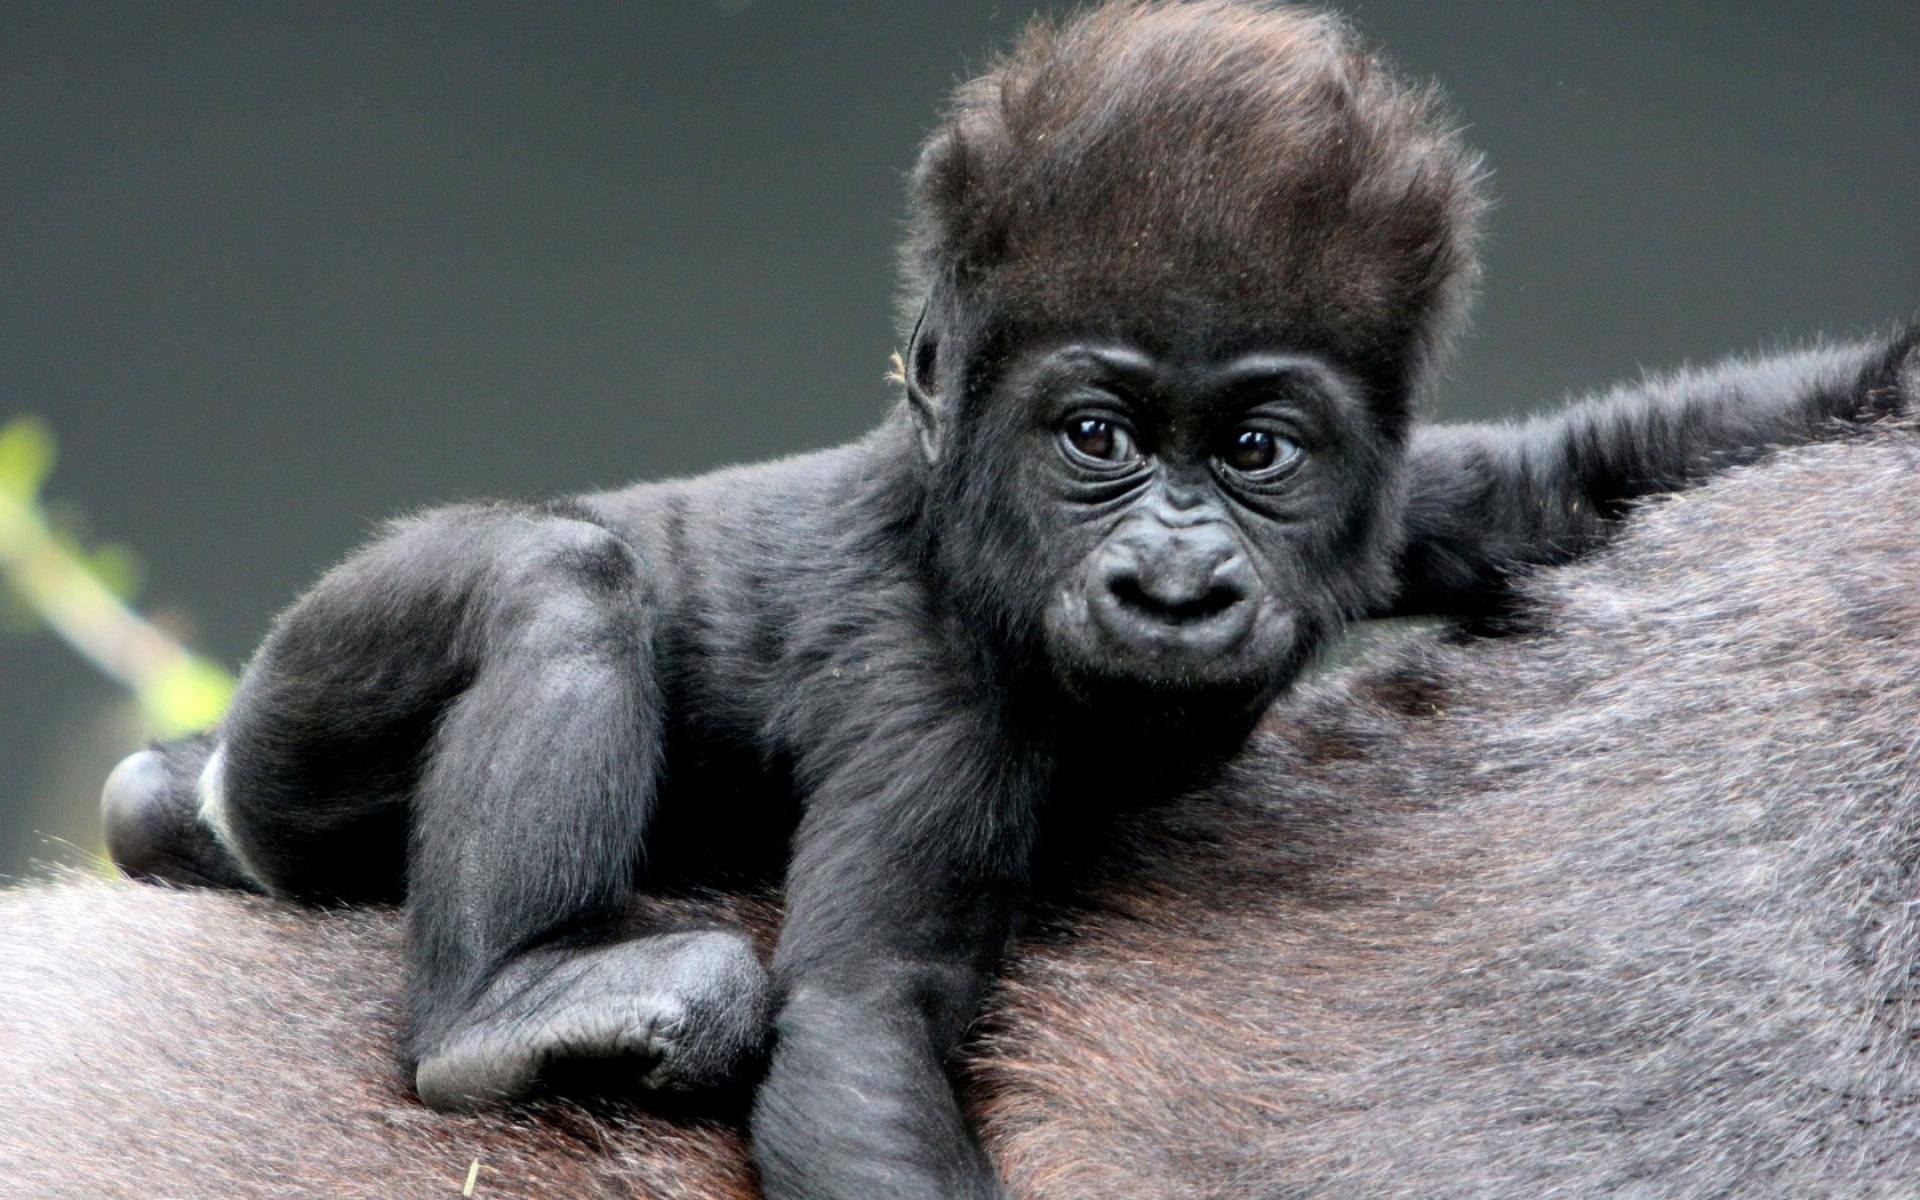 картинка про обезьянку заявляет, что работать